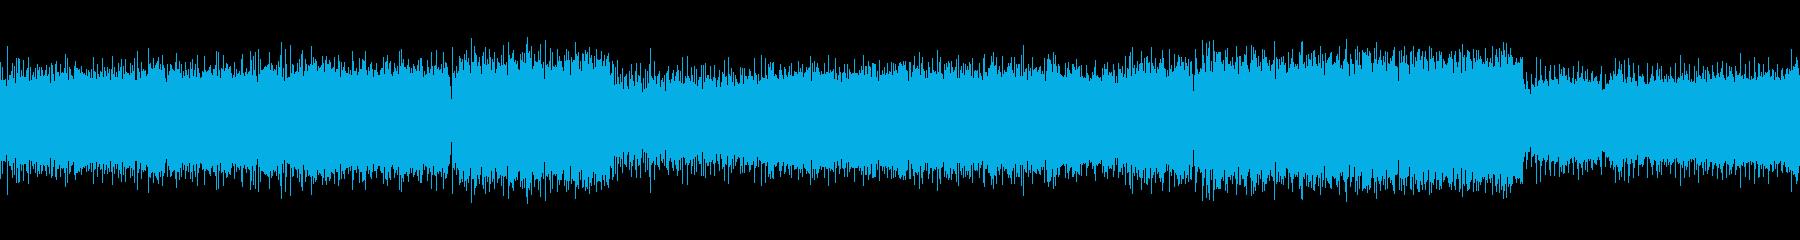 ループ 爽やかなバイオリンのロックの再生済みの波形